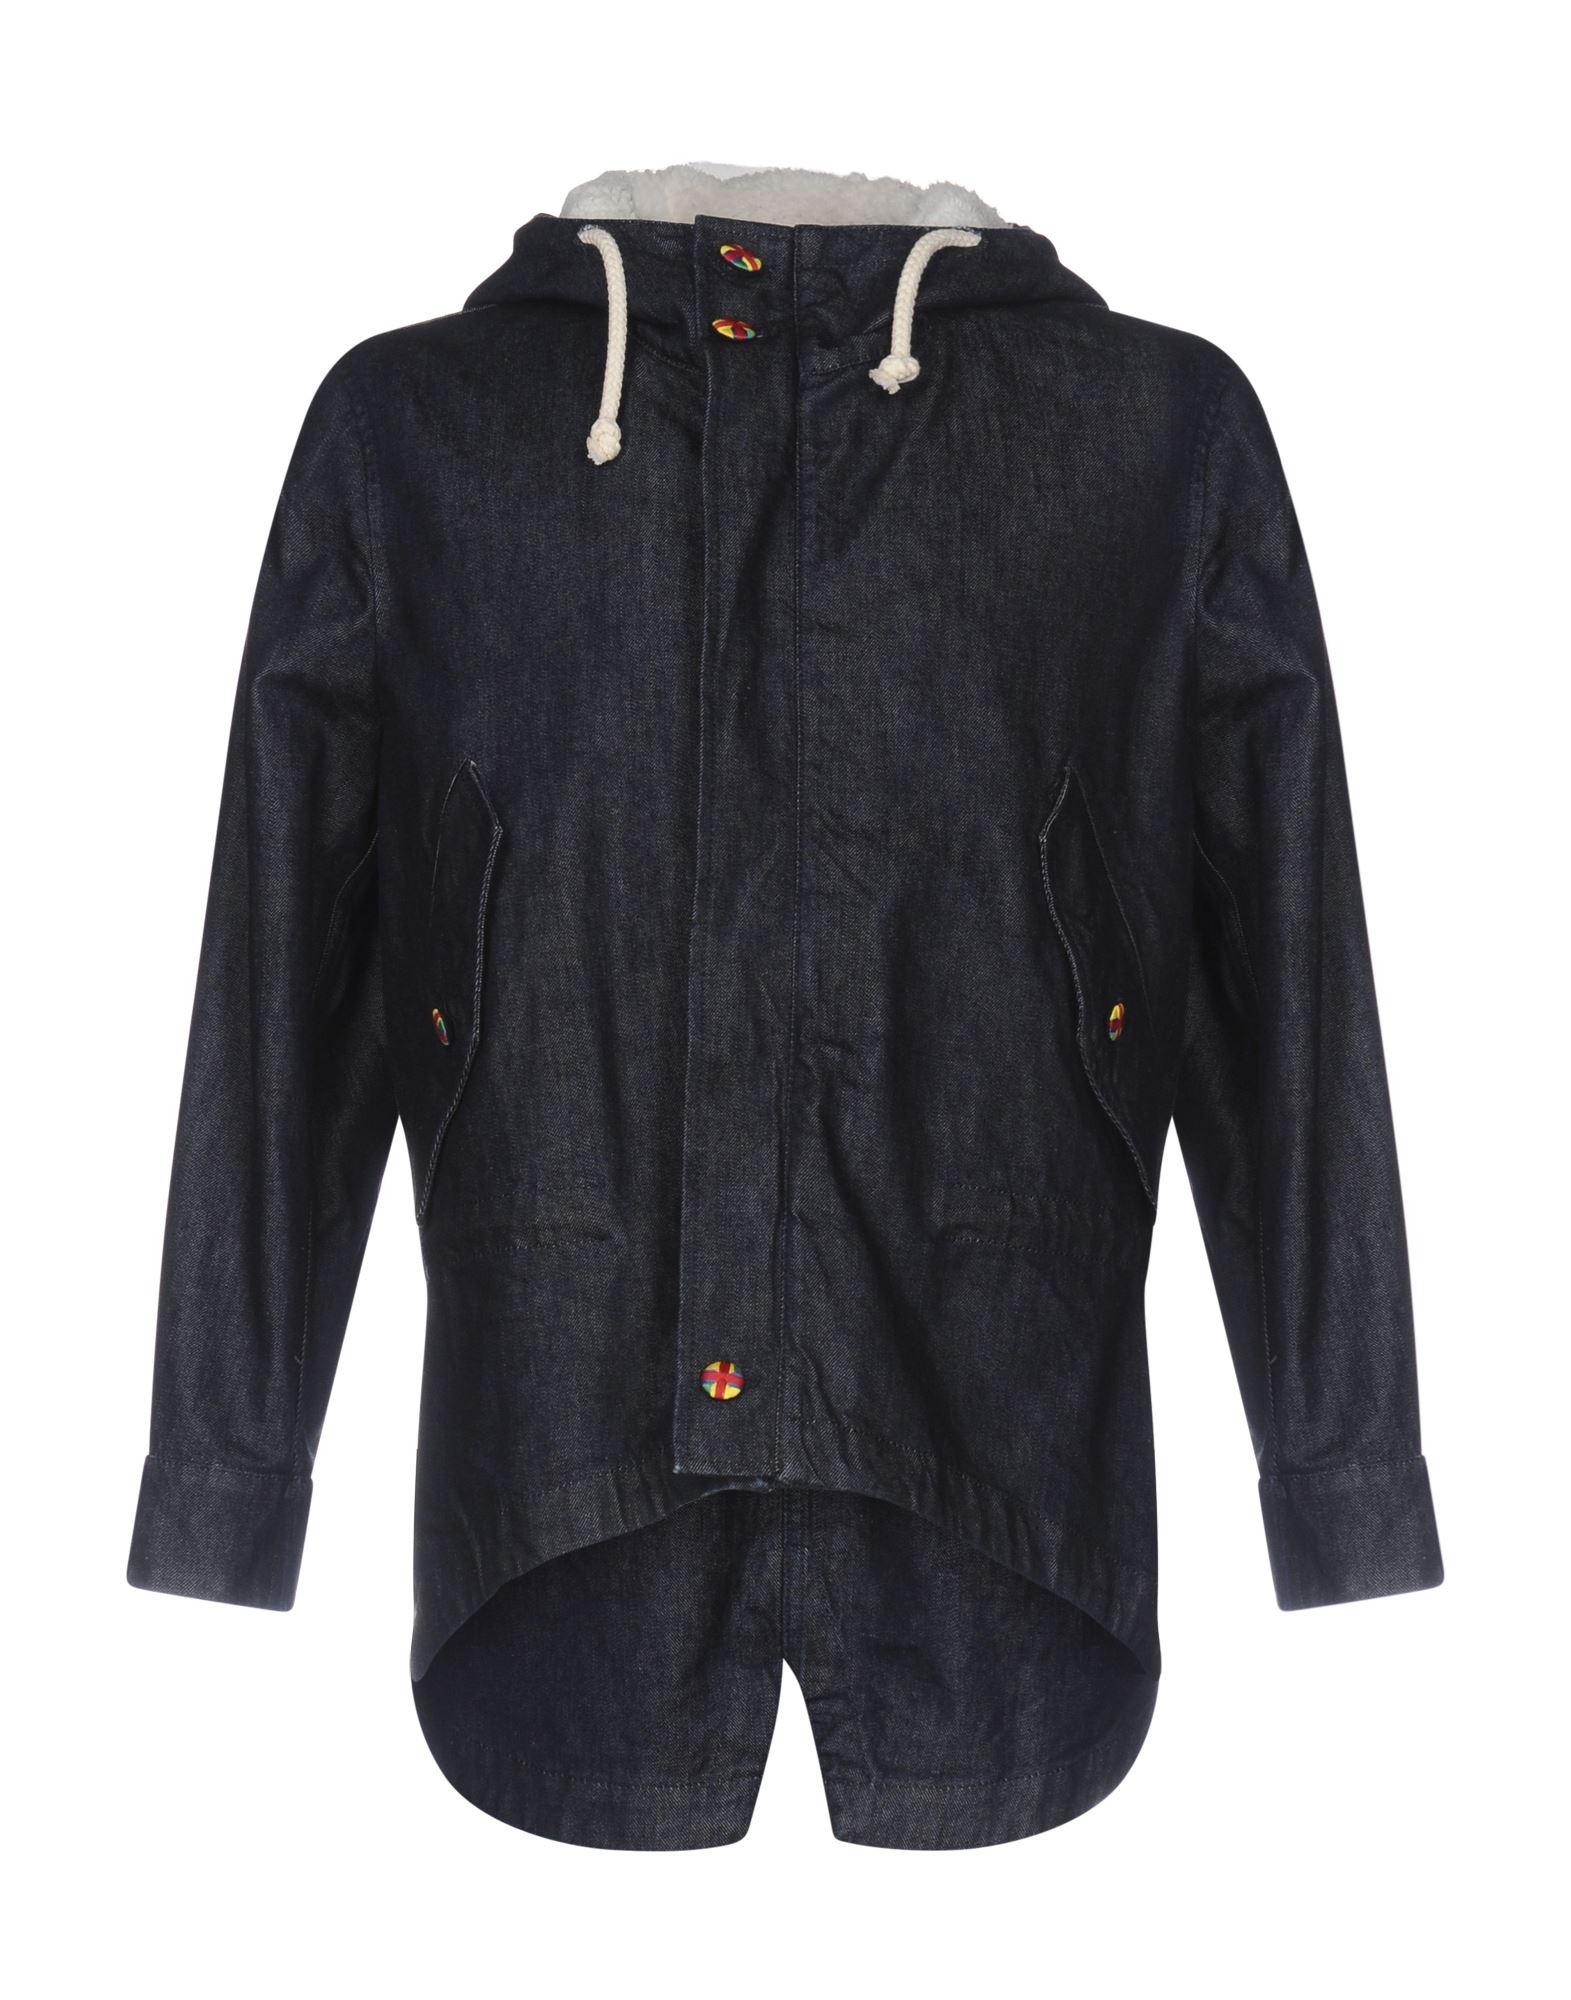 hōsio джинсовая верхняя одежда (+) PEOPLE Джинсовая верхняя одежда